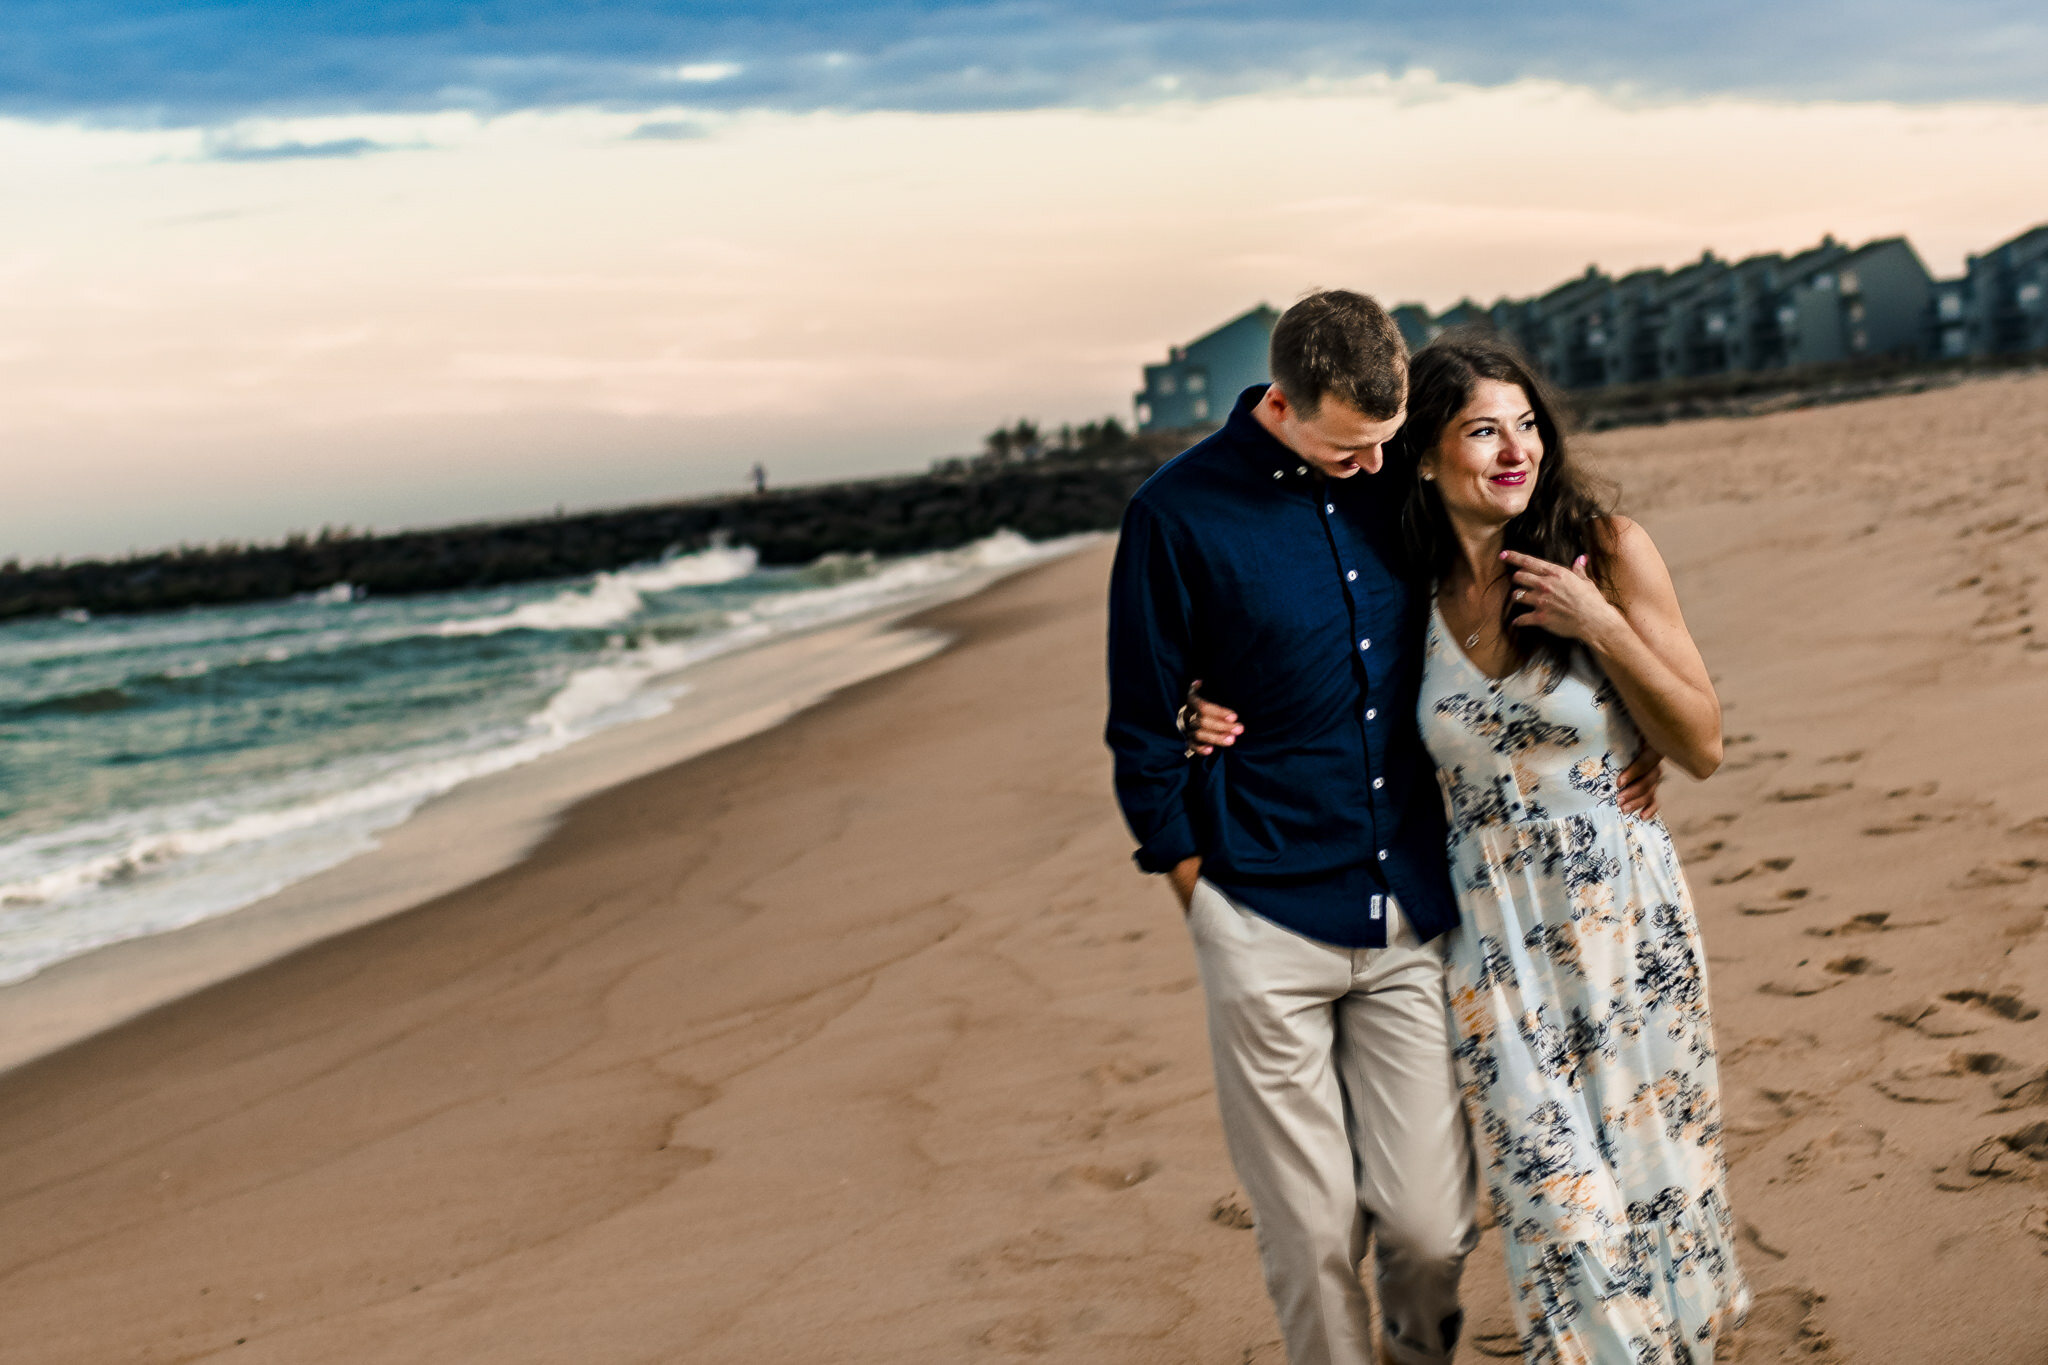 Malinoski-Manasquan-Beach-Engagement-Photos-15.JPG